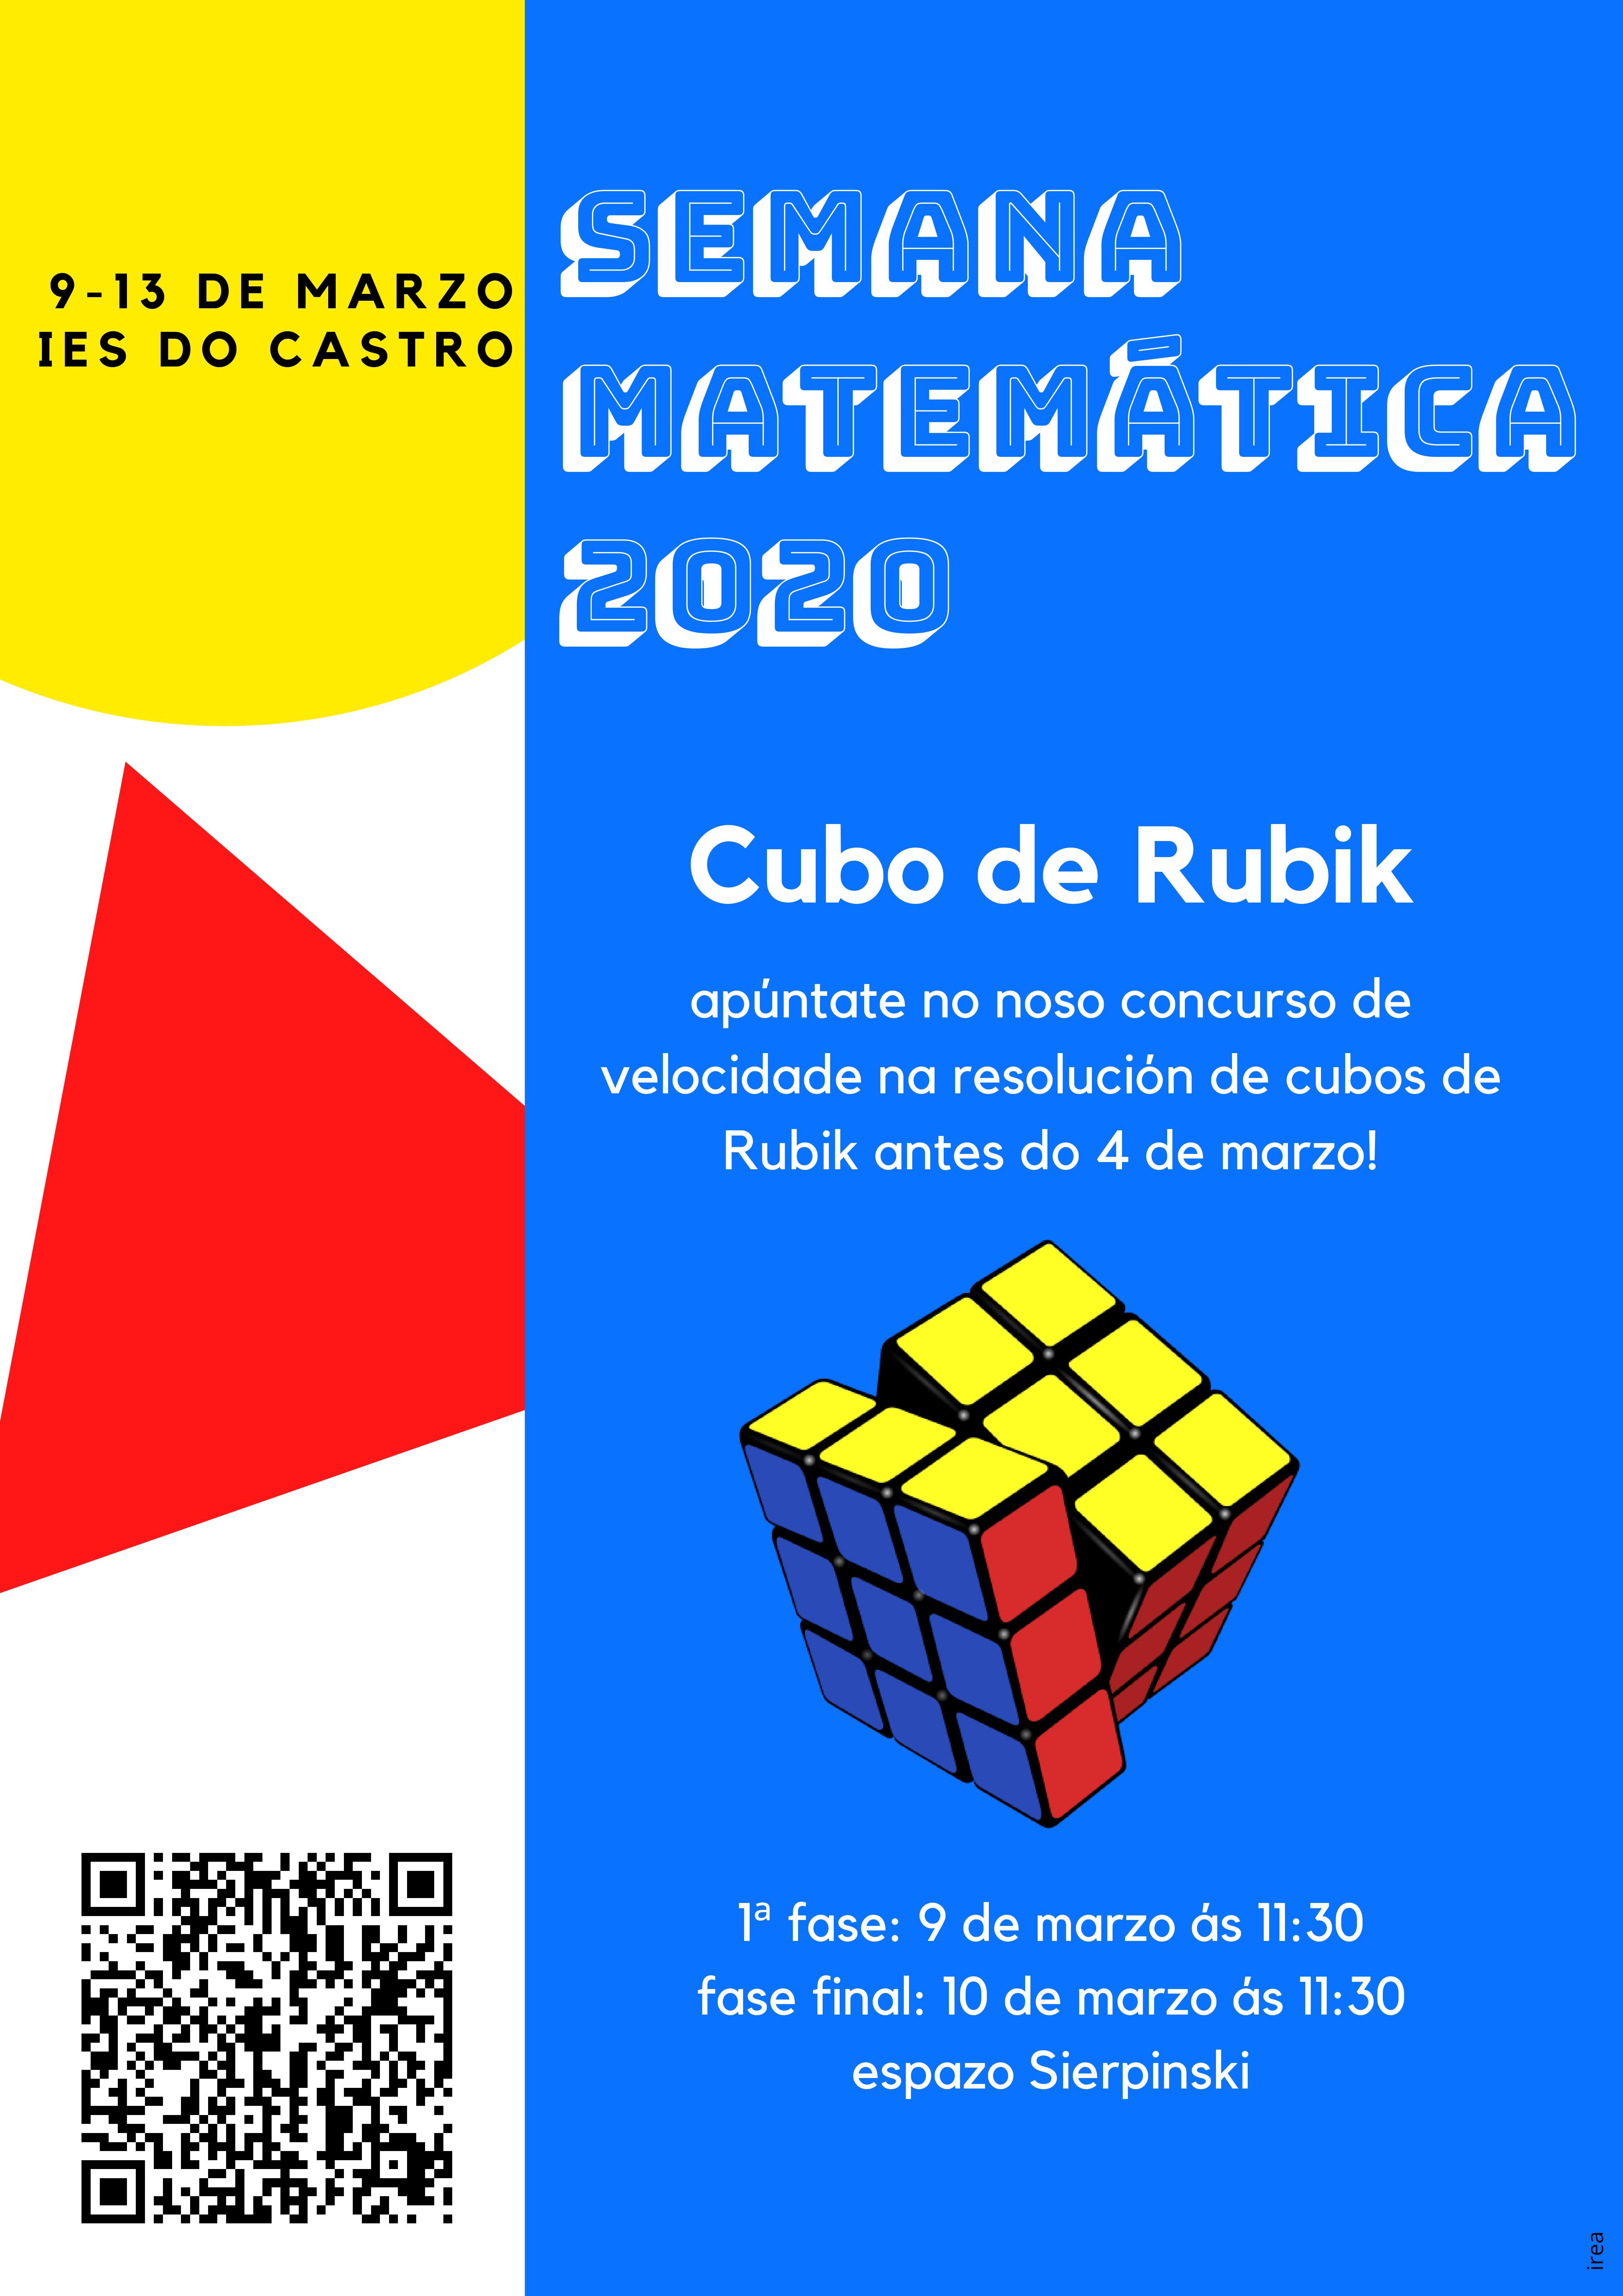 cubode-rubik.jpg